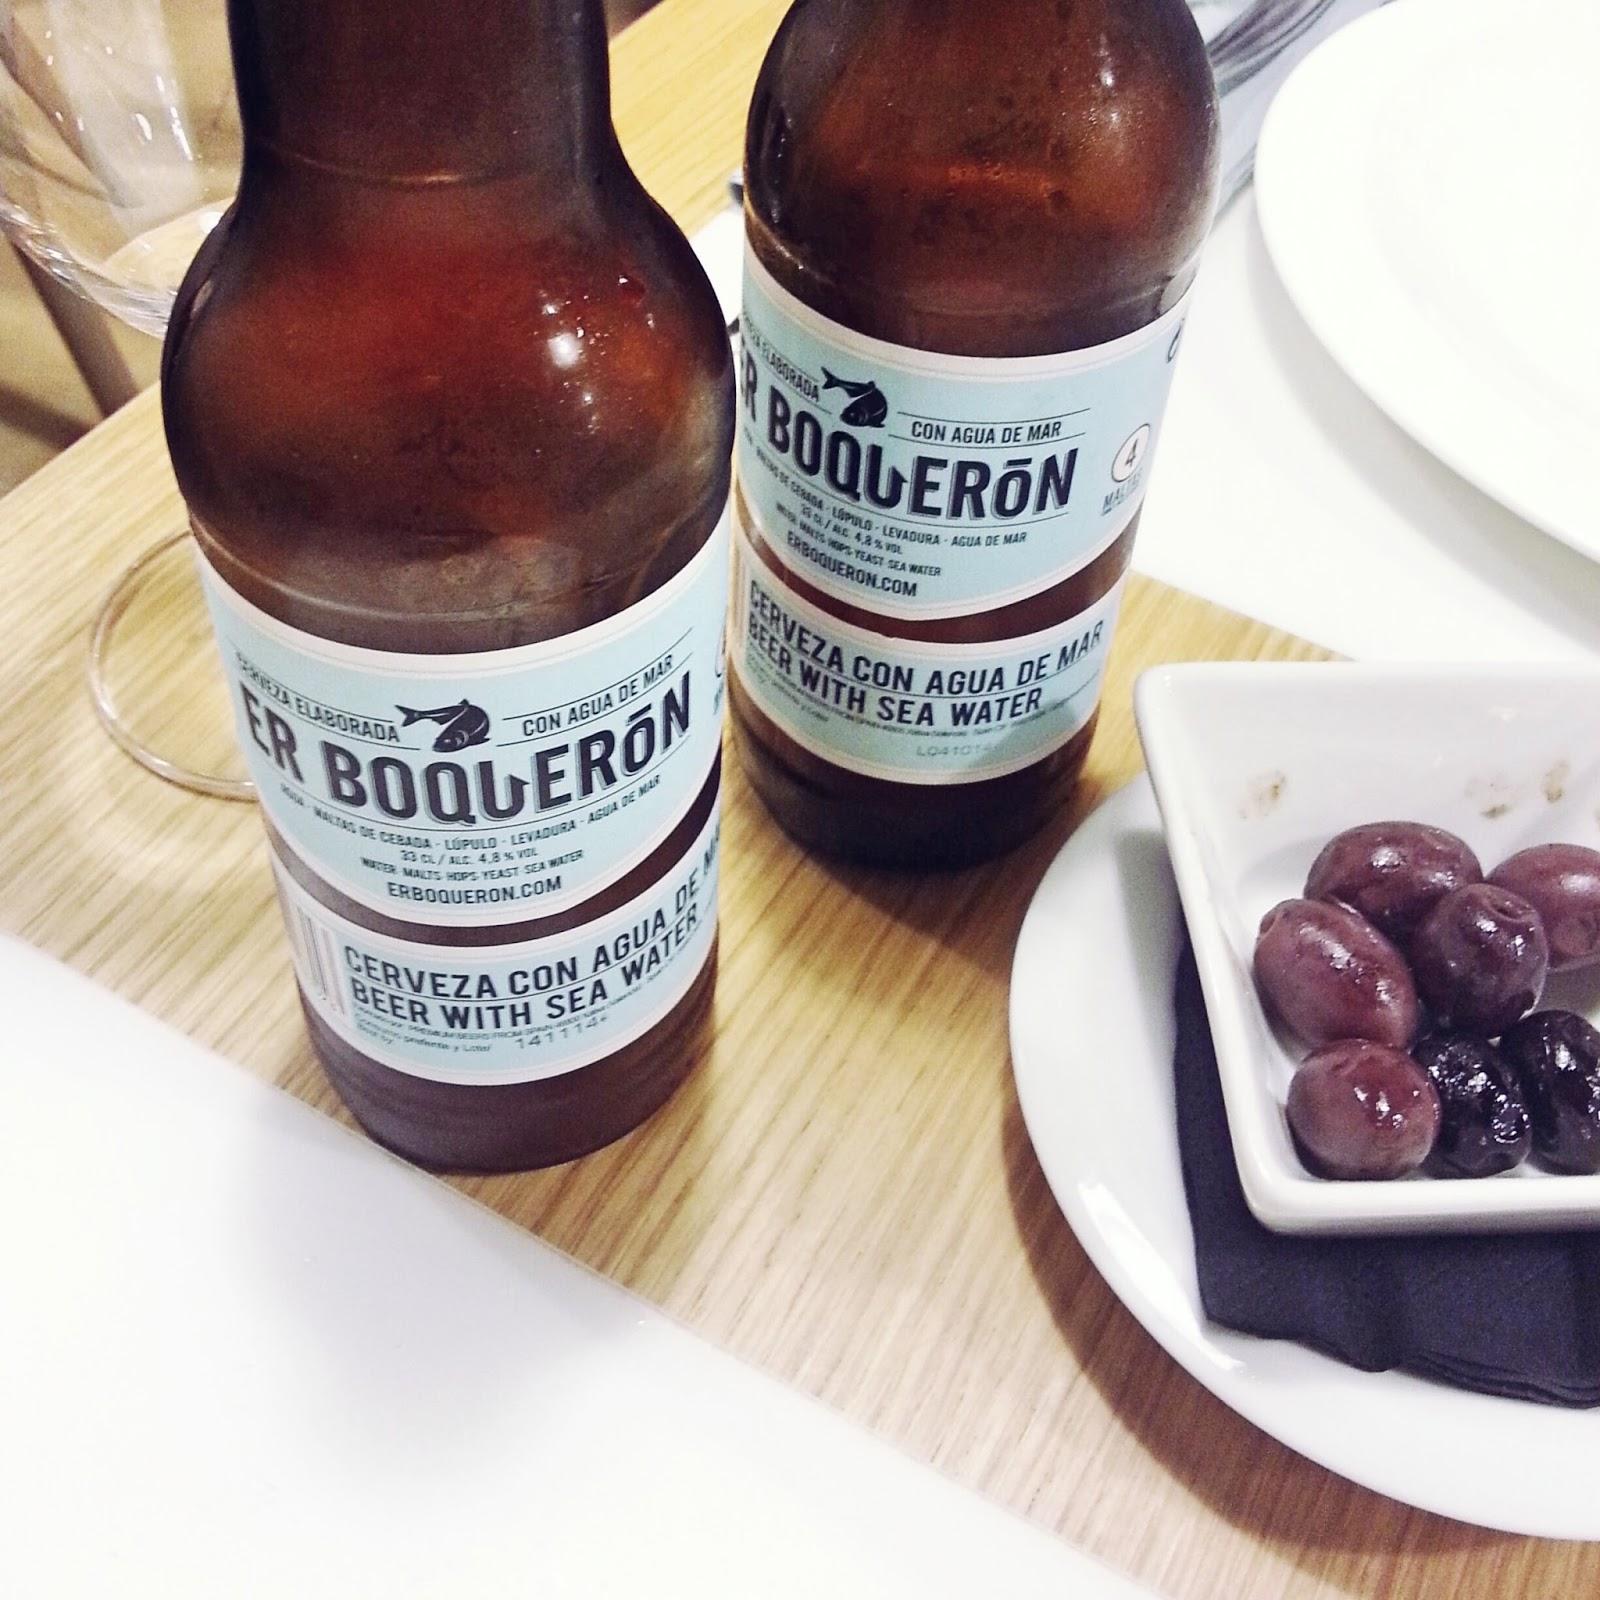 Er Boquerón (cerveza con agua de mar)